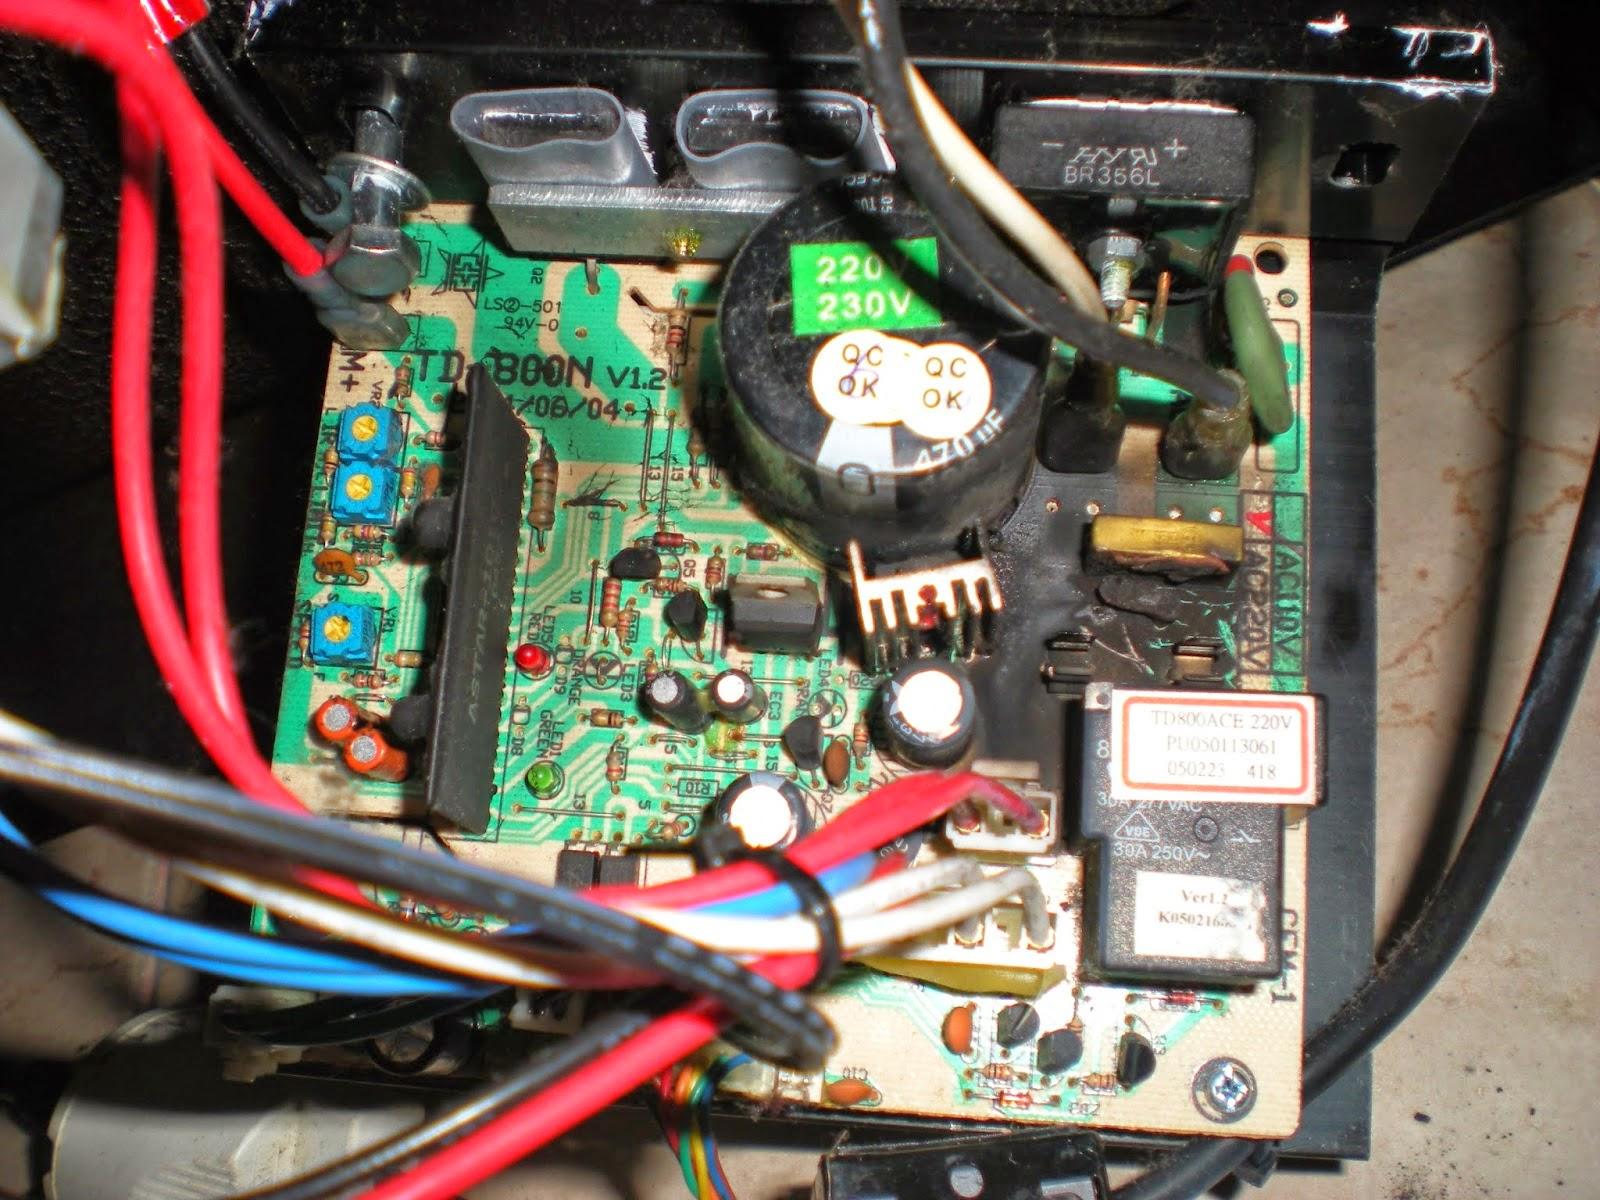 hight resolution of domyos tc 530 treadmill motor board